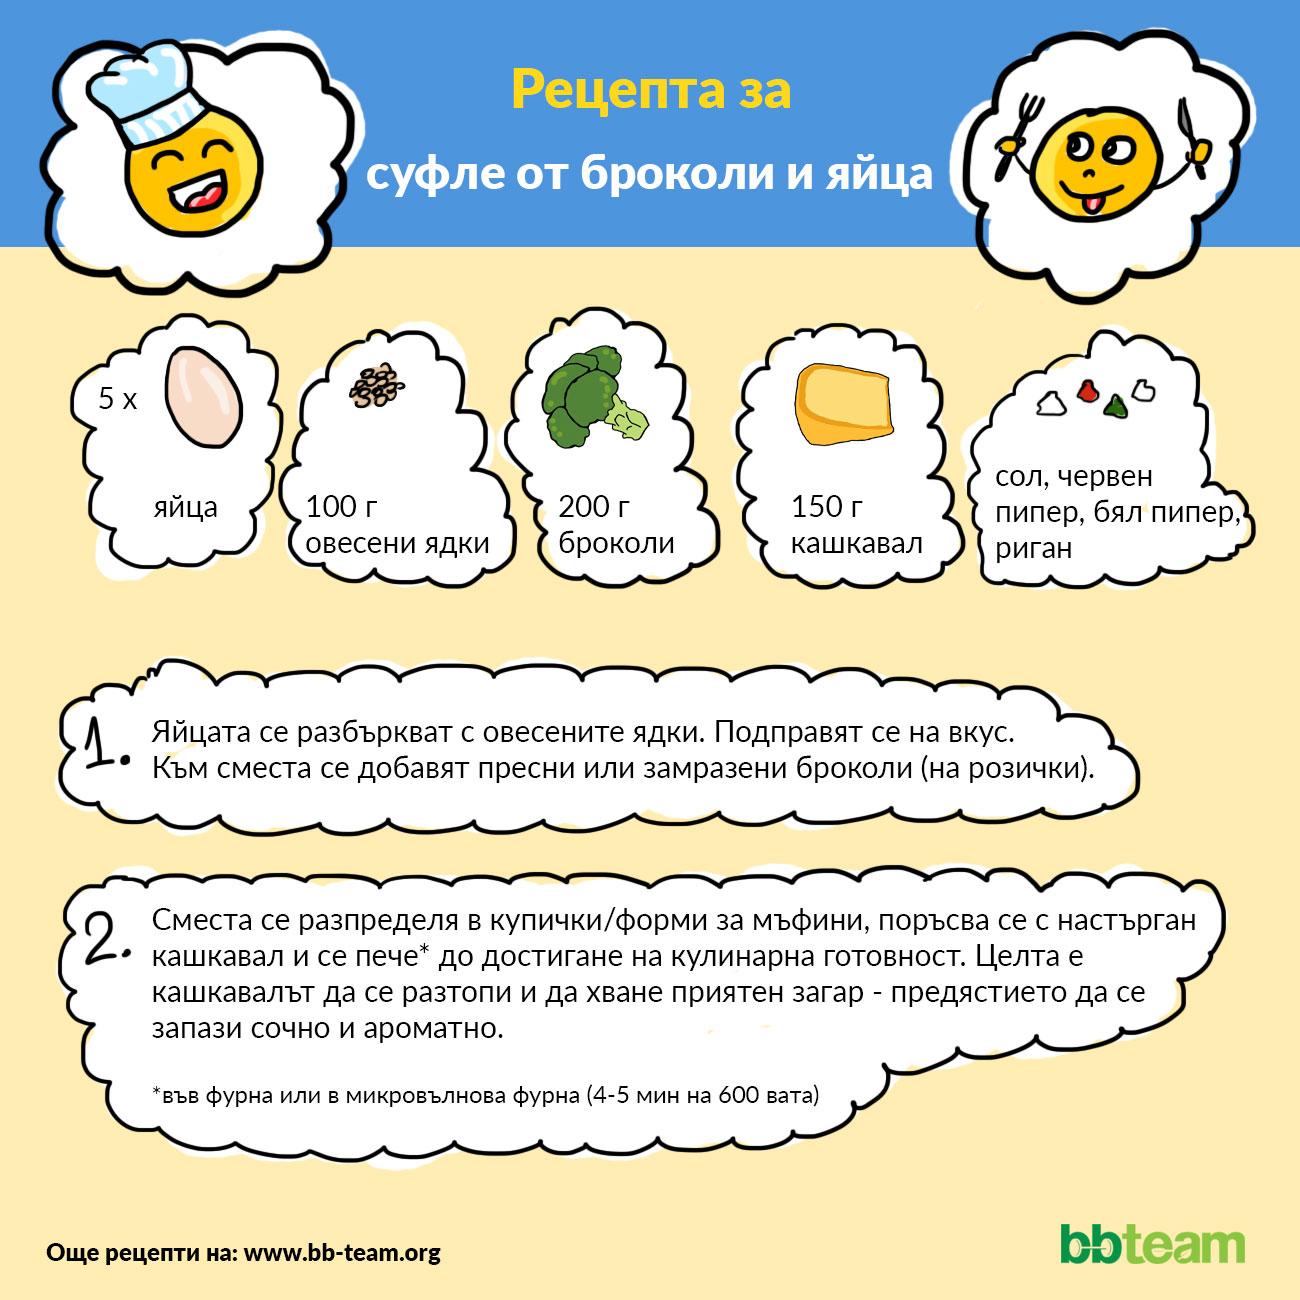 Рецепта за суфле от броколи и яйца [инфографика]